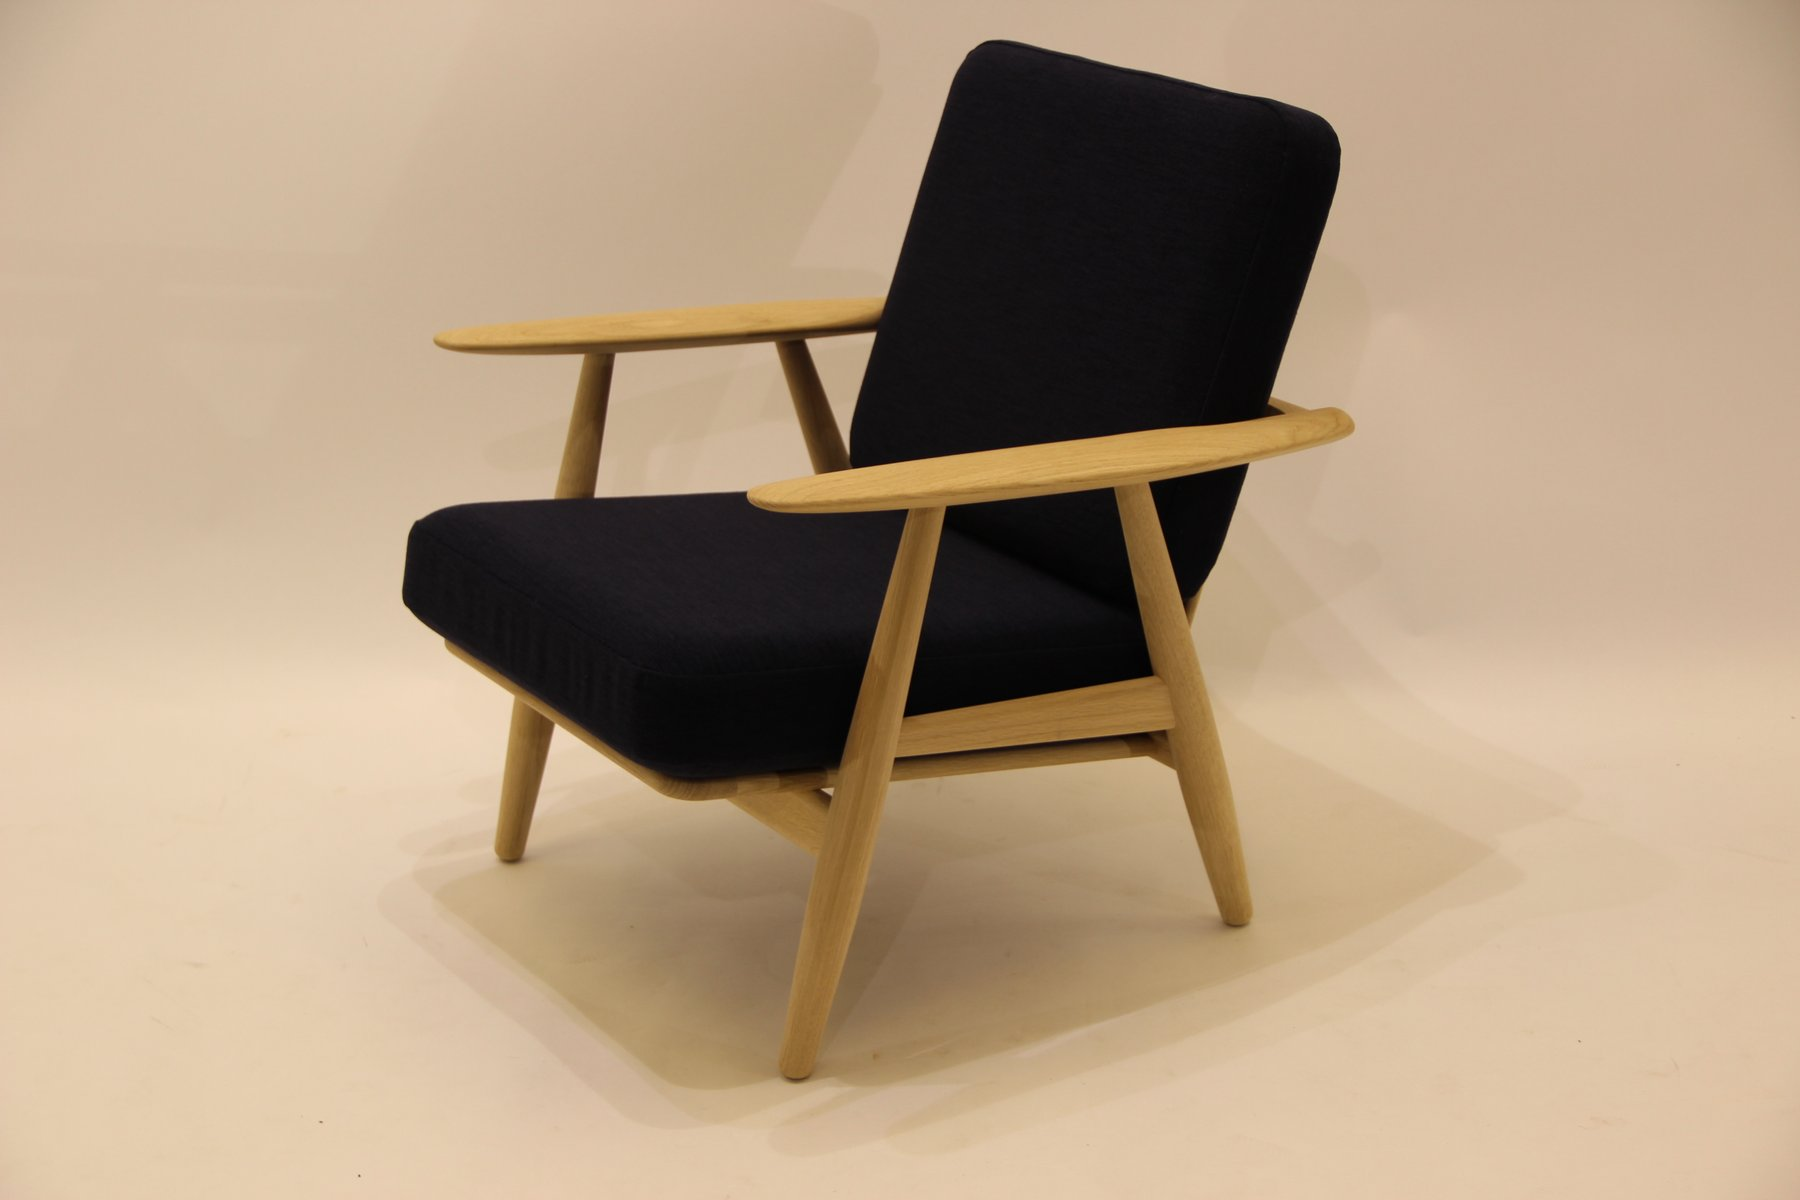 ge240 1 sessel von hans j wegner f r getama 1950er bei. Black Bedroom Furniture Sets. Home Design Ideas